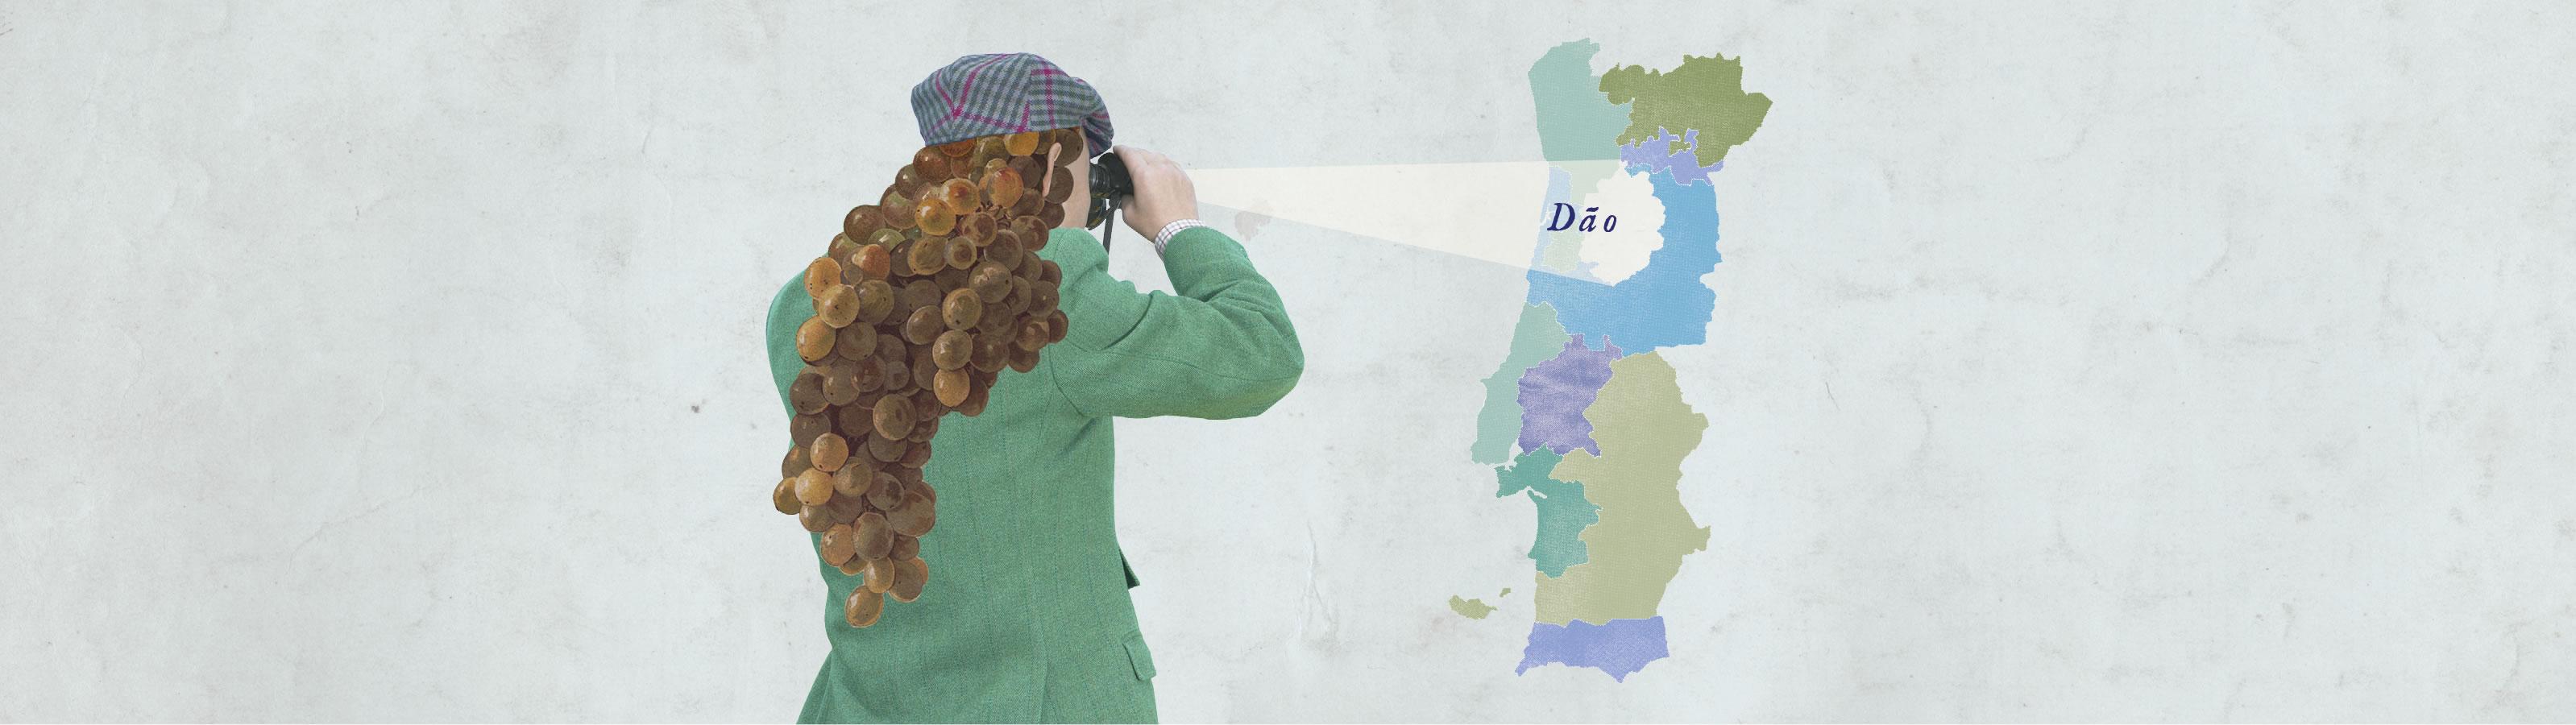 Verken de regio's: